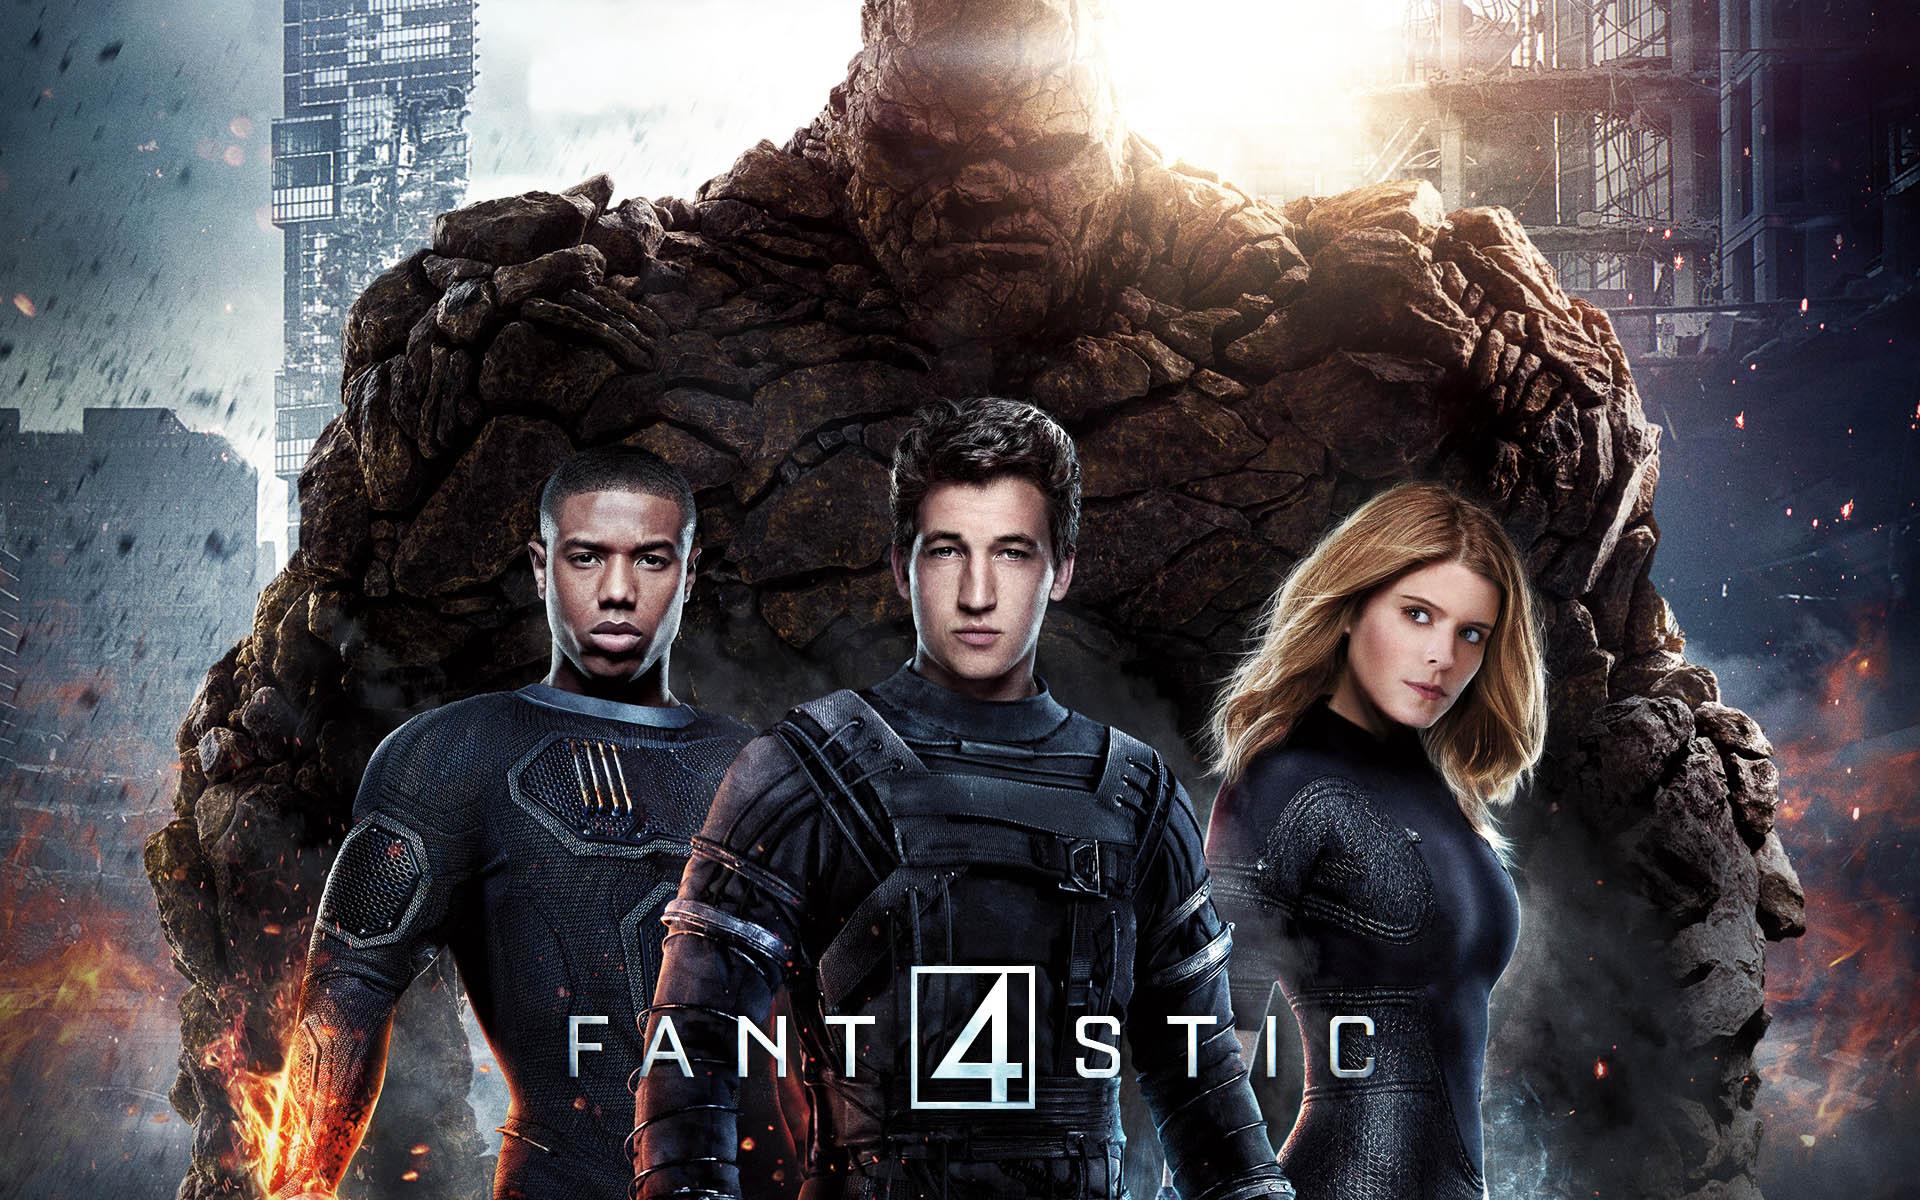 fantastic four 2015 subtitles 1080p